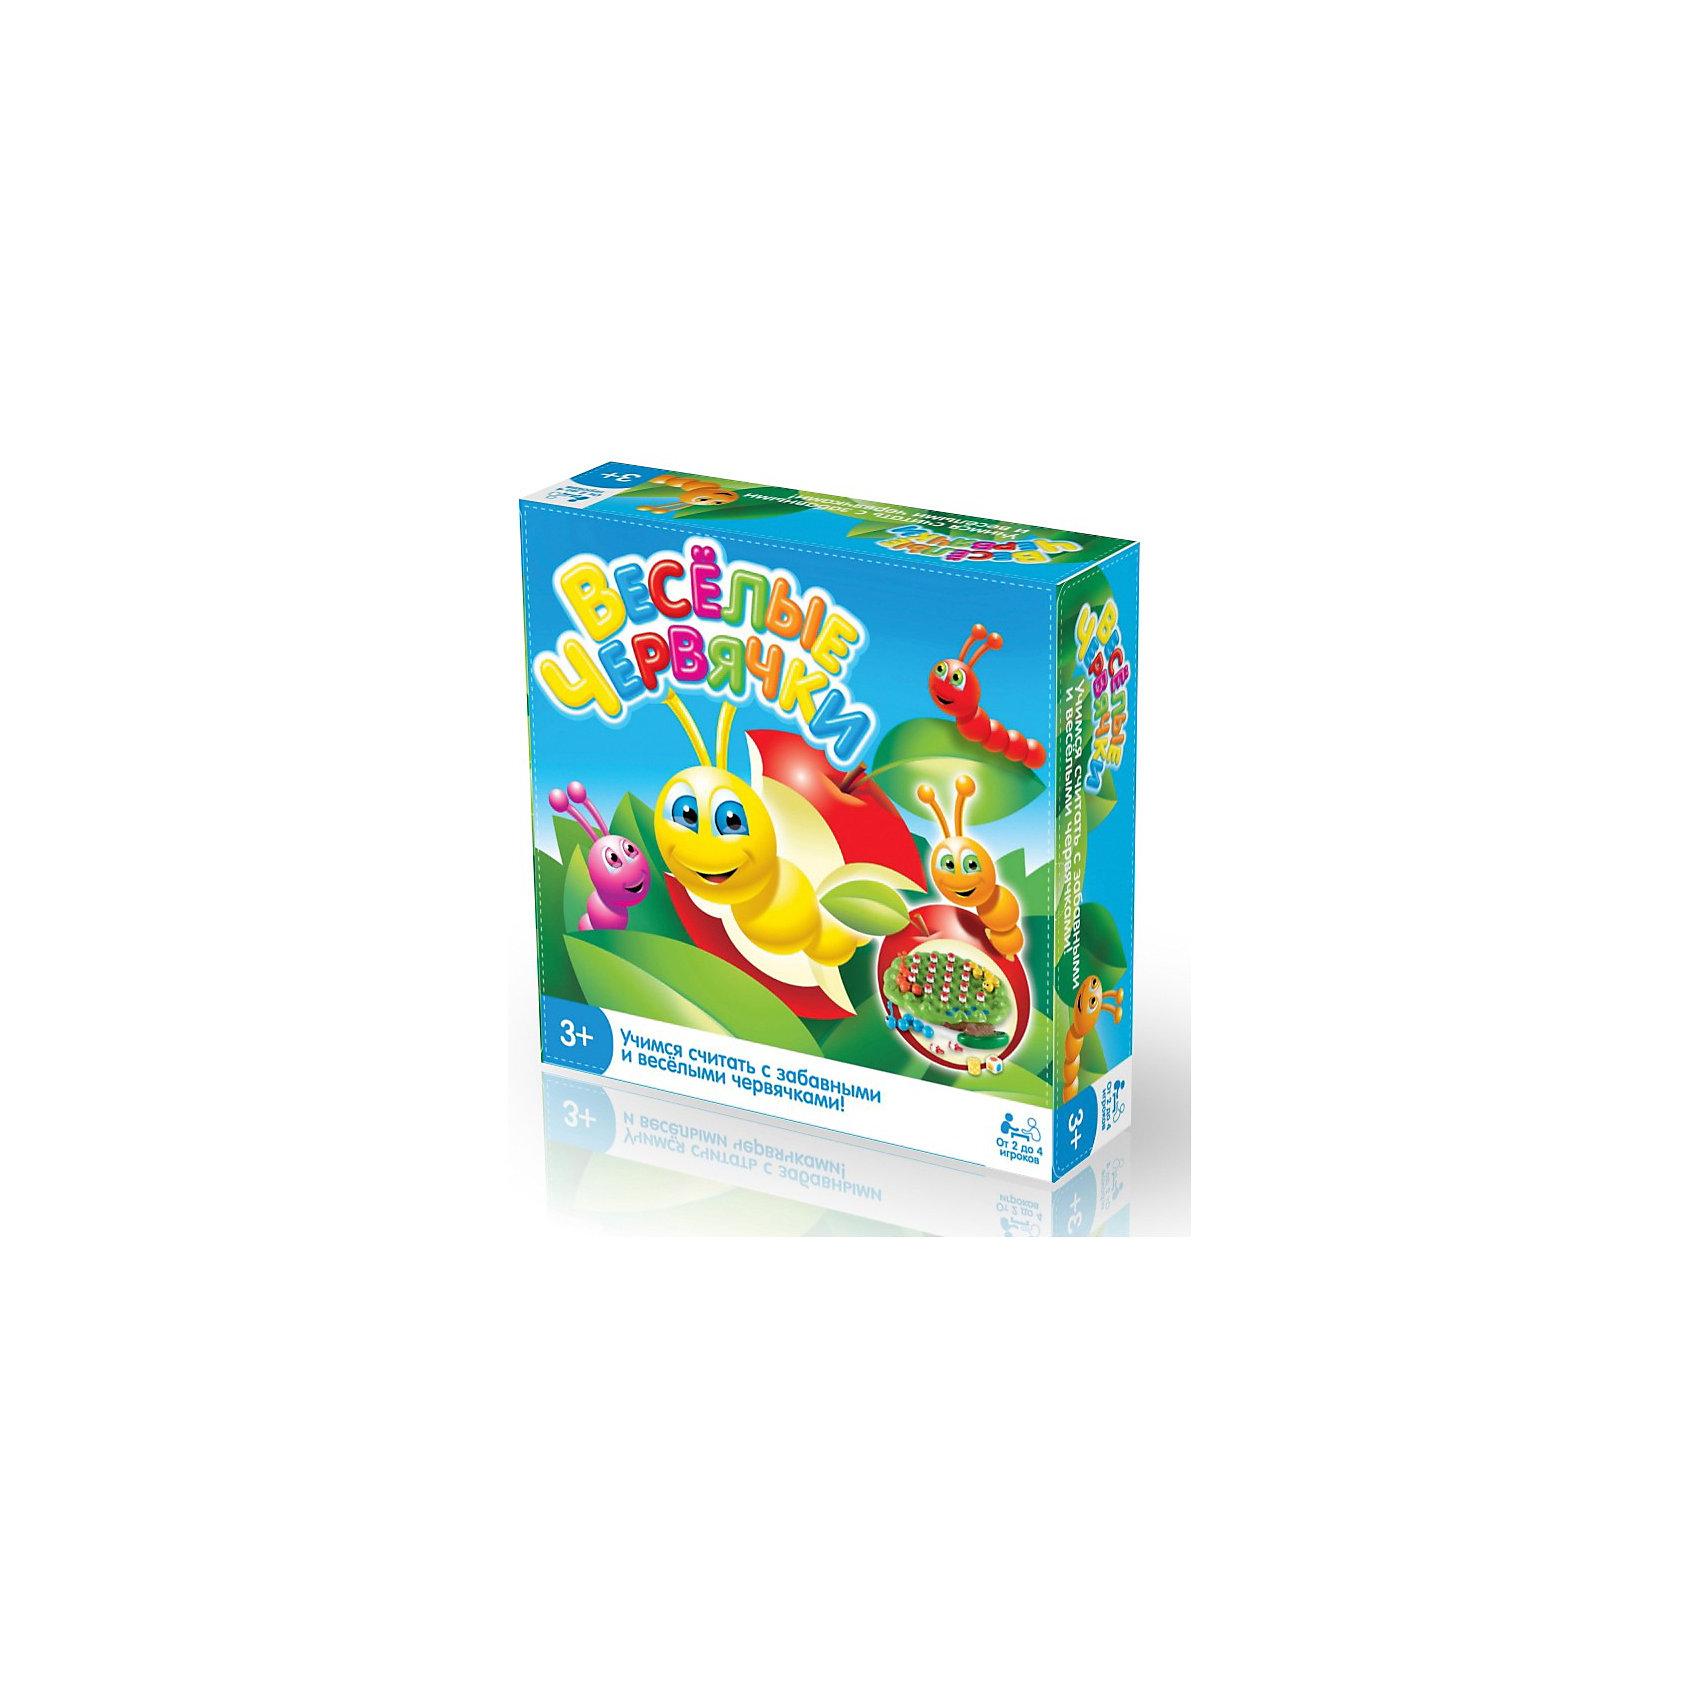 Игра Веселые червячки, Longshore LimitedПознавательная игра Веселые червячки отлично подходит для развития малышей от трех лет. Вместе с ней детки научатся считать и разовьют моторику пальчиков. На игровом поле расставляется 19 яблочек, затем выставляются цветные червячки, для каждого червячка на игровом поле отмечено место начала игры. Игрокам нужно ходить по очереди. Первый игрок бросает 2 кубика - цветной кубик укажет, какому червячку ползти, а кубик с цифрами подскажет, сколько ячеек нужно проползти червячку. Ползая, червячки могут окружать ячейки с яблочками - окруженное червяком яблоко, считается съеденным - игрок такое яблоко забирает себе. Игра заканчивается, когда на игровом поле не останется яблок, а побеждает тот игрок, у которого наибольшее количество яблок.<br><br>Дополнительная информация:<br><br>- В комплект входит: 3 разноцветных червячка (оранжевый, синий, желтый);  19 яблок; 1 игровое поле;  1 цветной кубик; 1 кубик с цифрами; инструкция на русском языке.<br>- Количество  игроков: 2-4.<br>- Материал: пластик.<br><br>Ширина мм: 129<br>Глубина мм: 90<br>Высота мм: 60<br>Вес г: 50<br>Возраст от месяцев: 36<br>Возраст до месяцев: 180<br>Пол: Унисекс<br>Возраст: Детский<br>SKU: 3220291